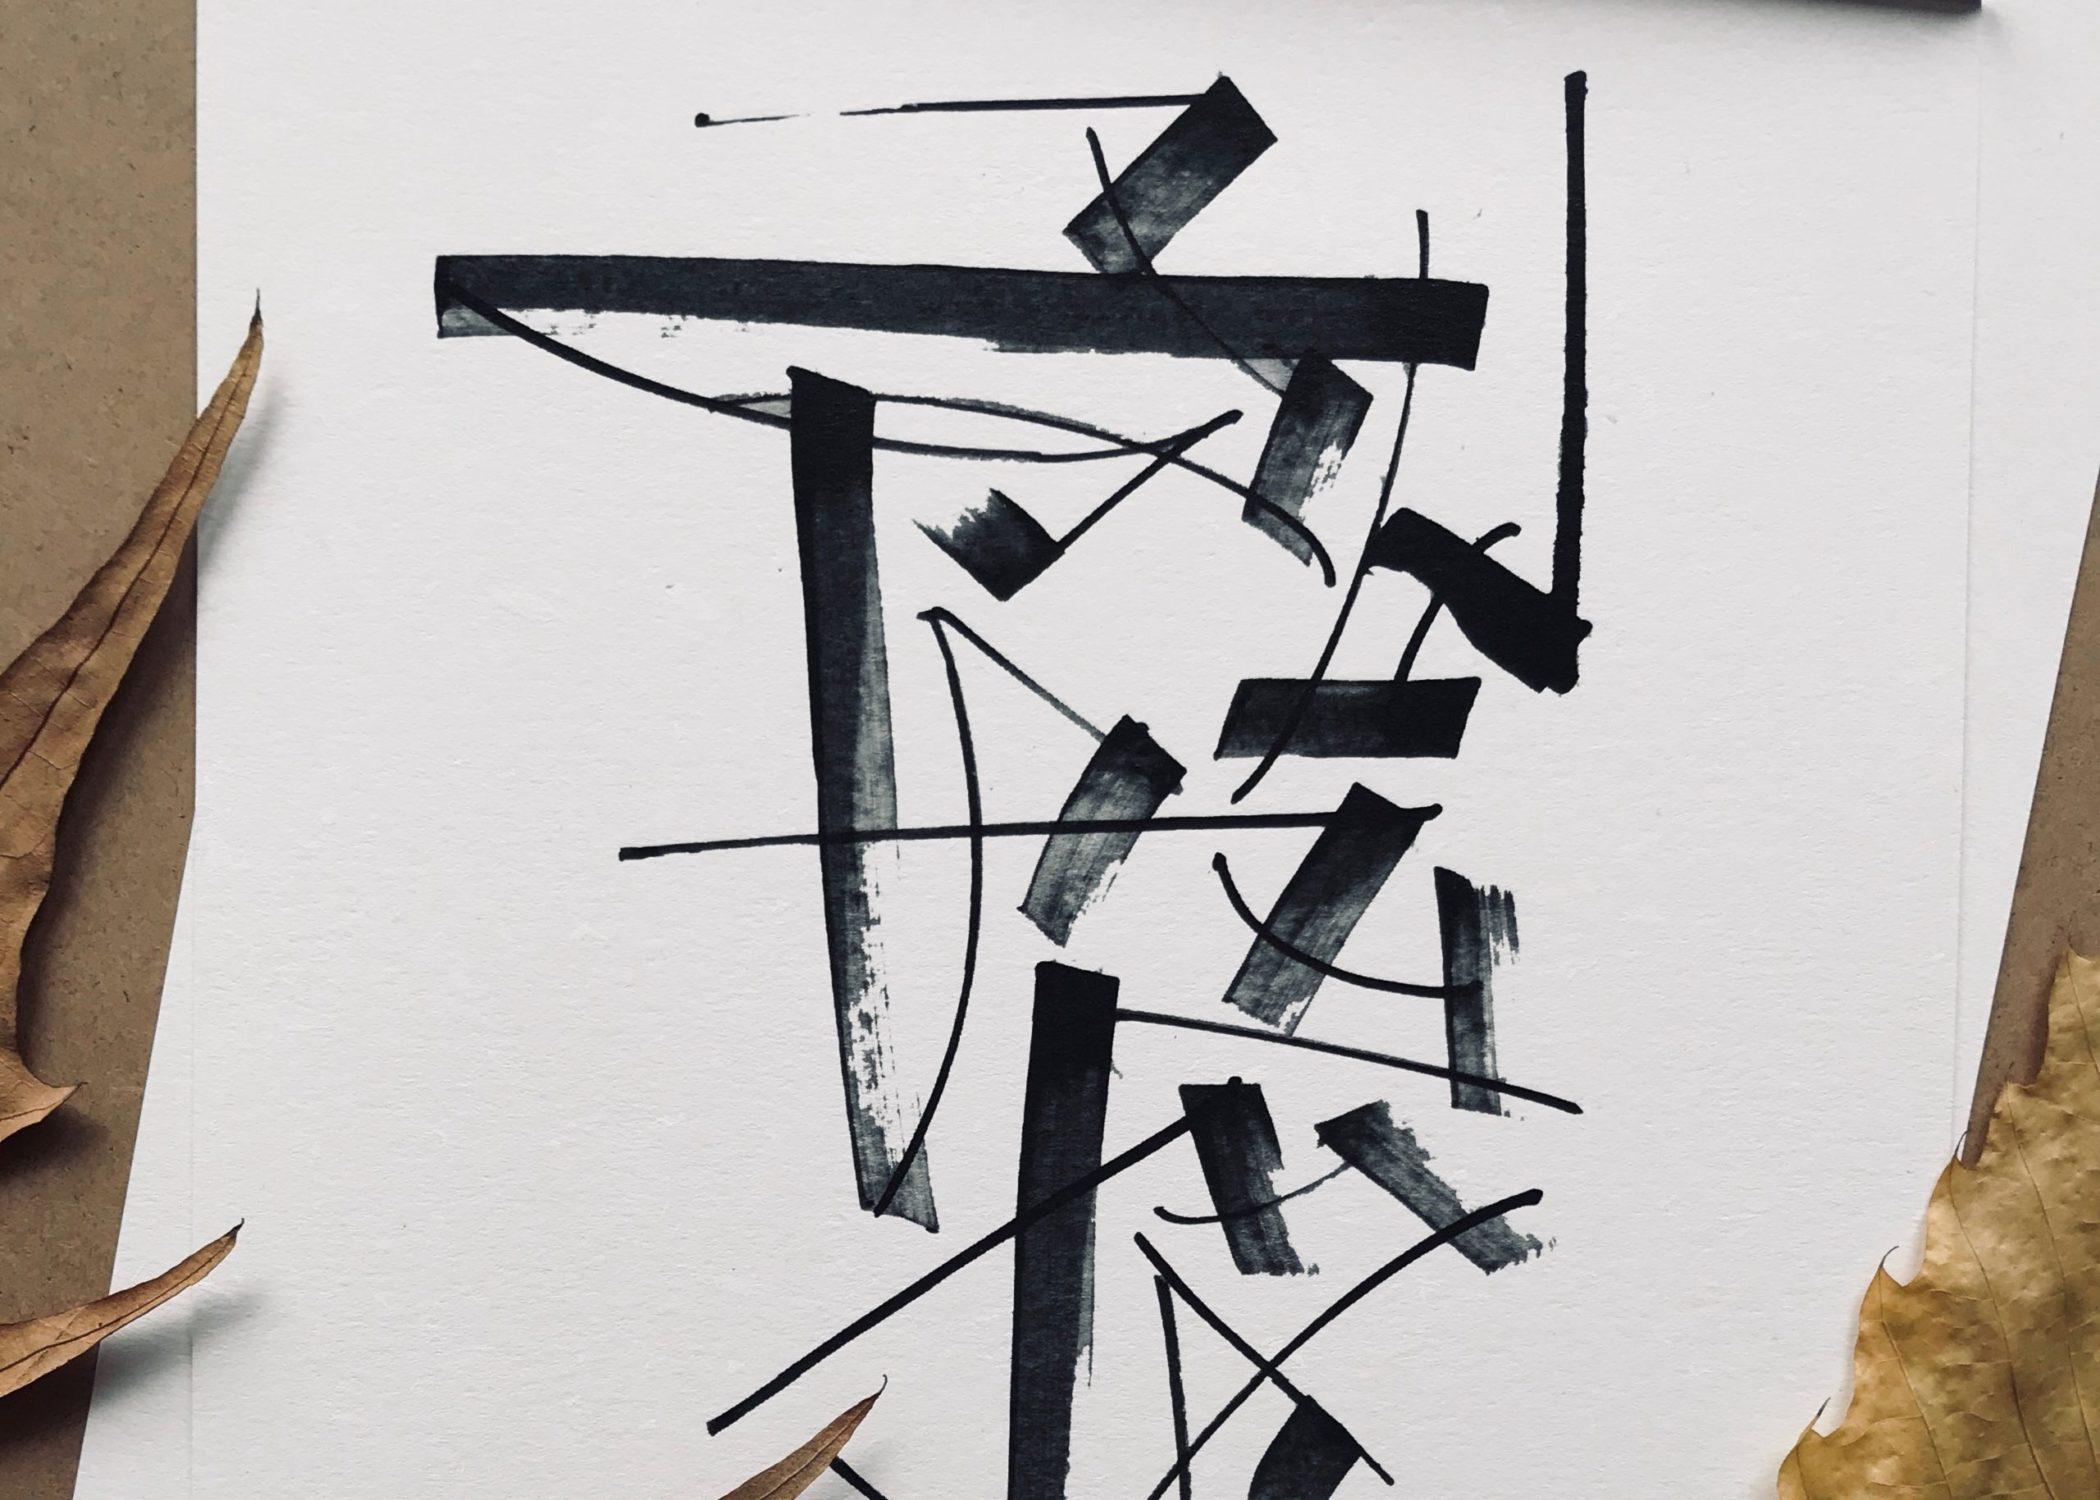 Calligraphy with balsa wood